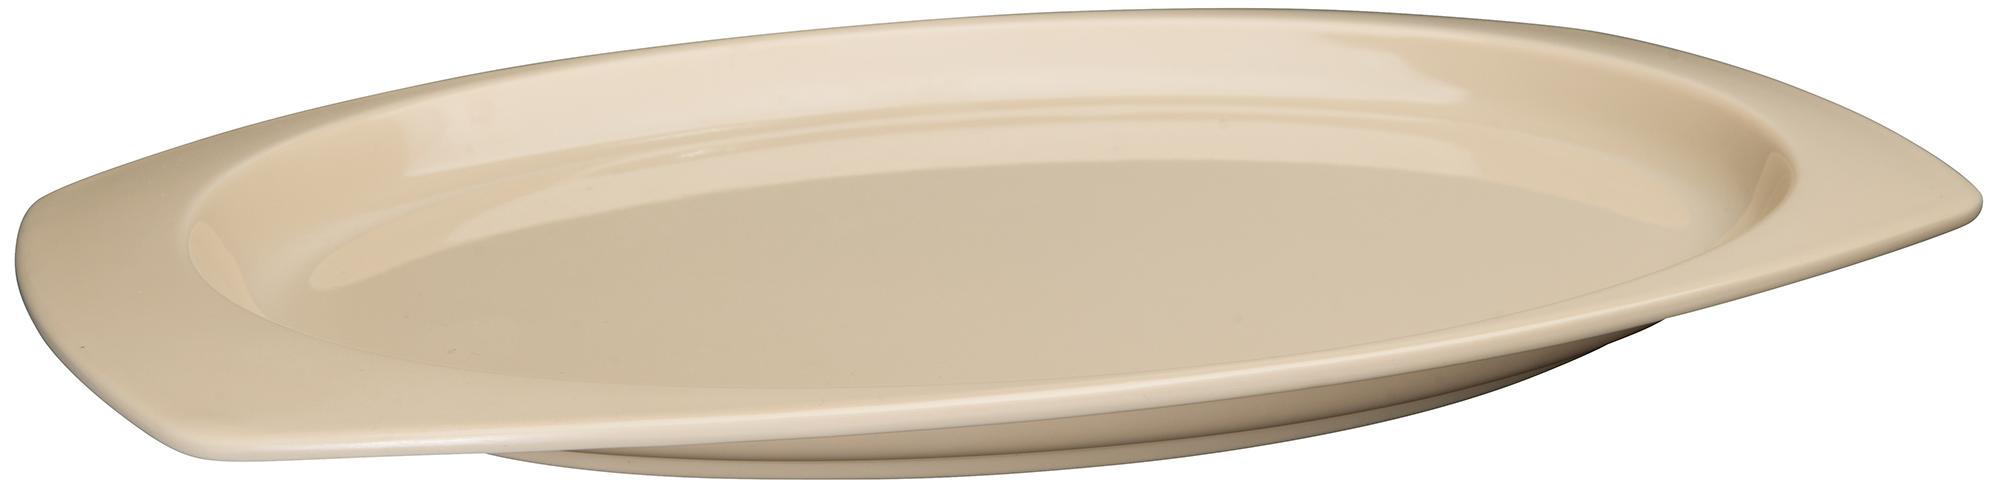 Winco MMPT-117 rectangulater platter